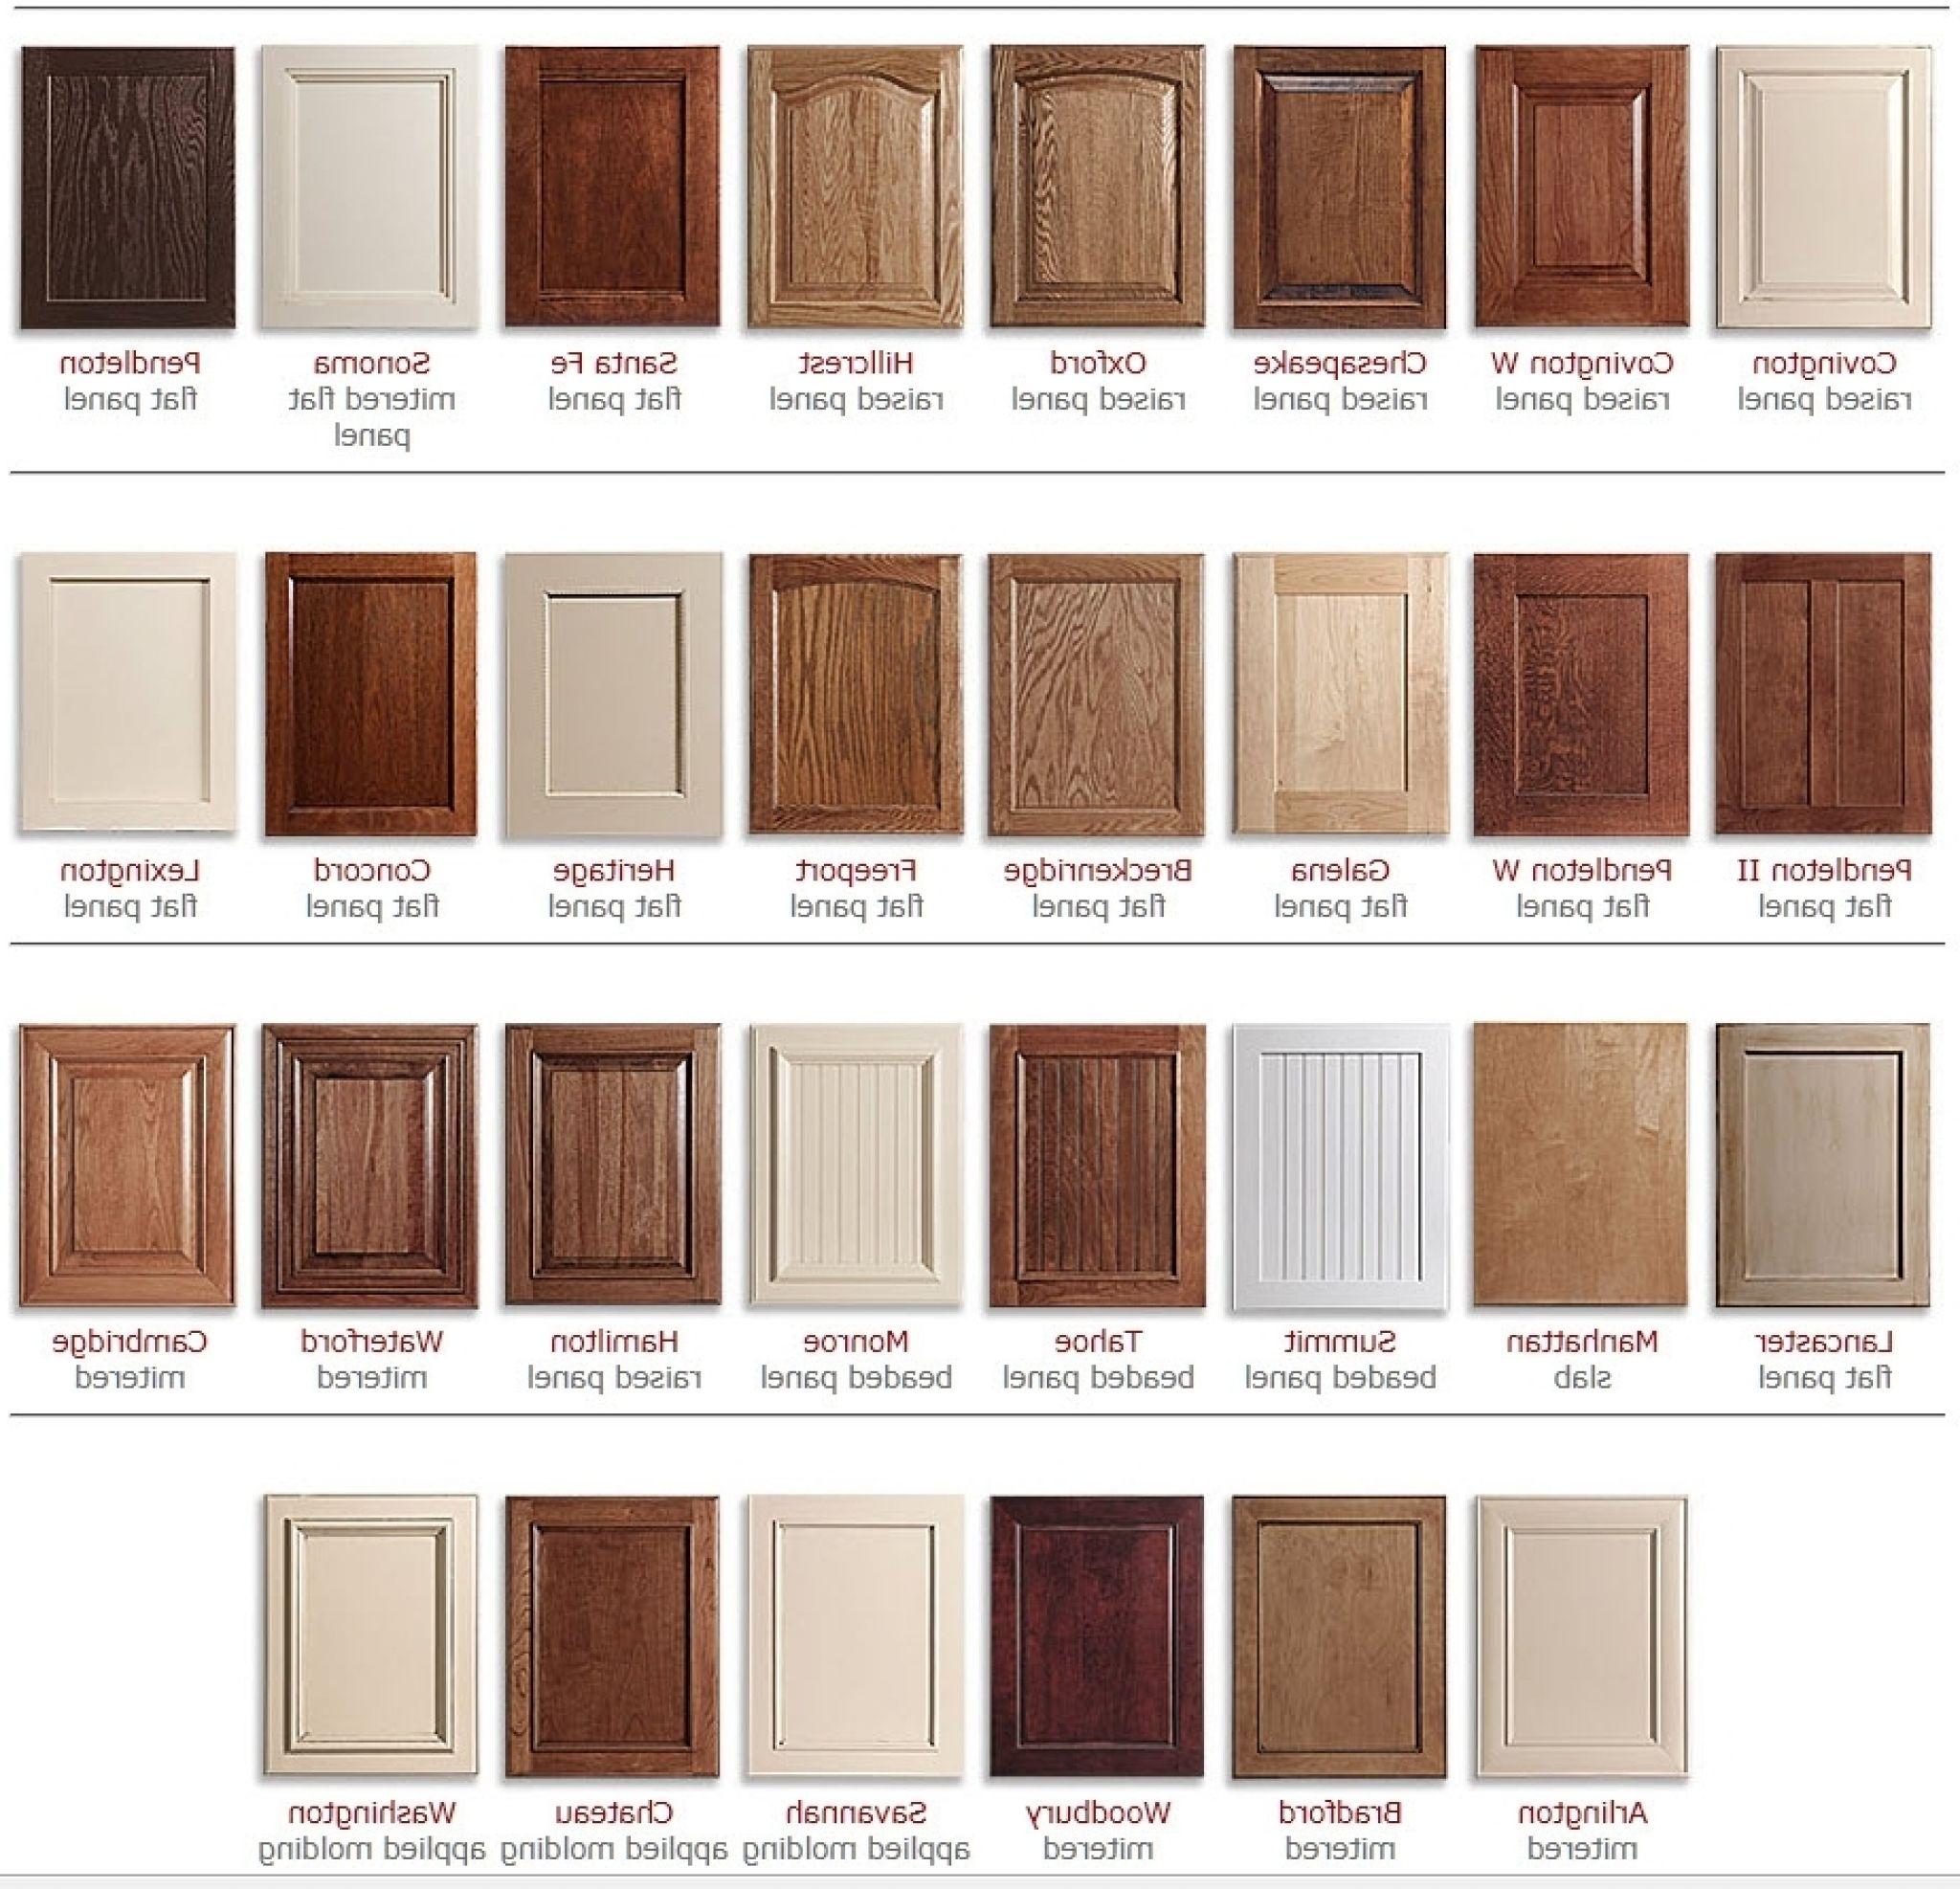 kitchen cabinet door styles options - kitchen towel storage ideas ...